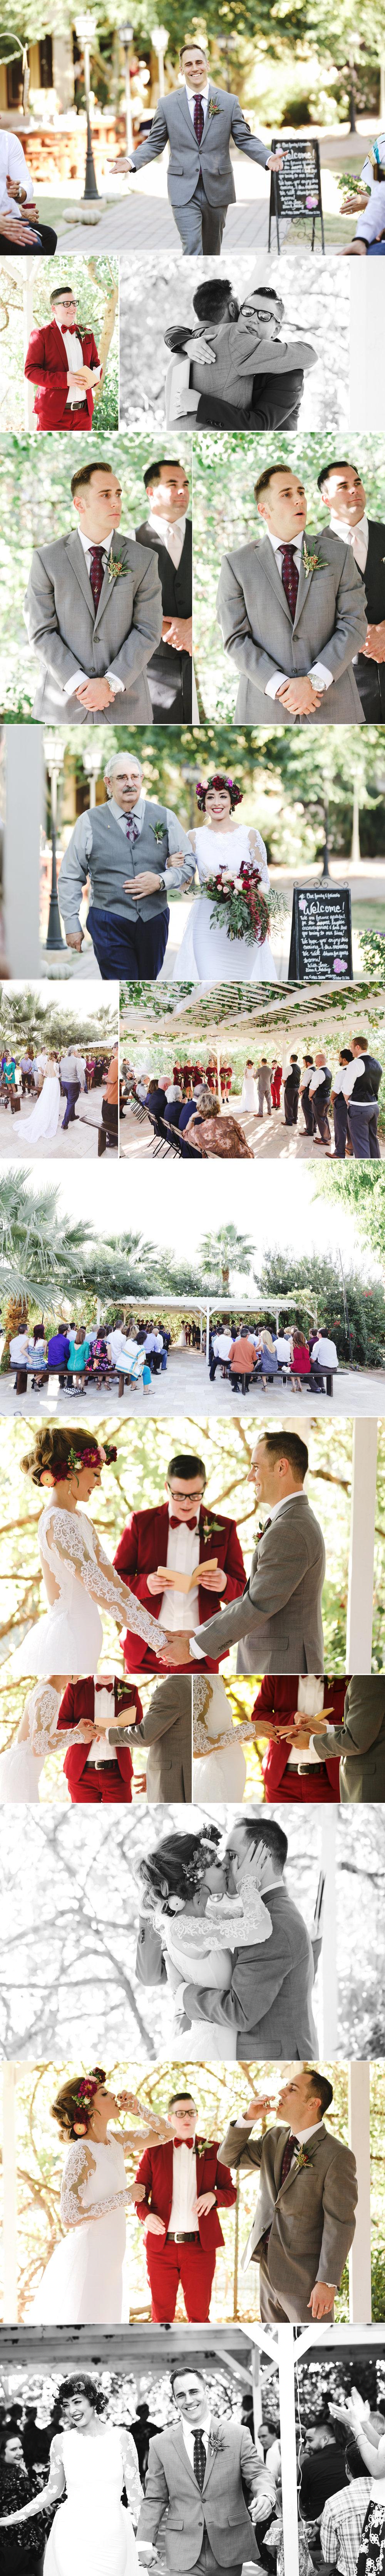 SAW WEDDING 5 copy.jpg